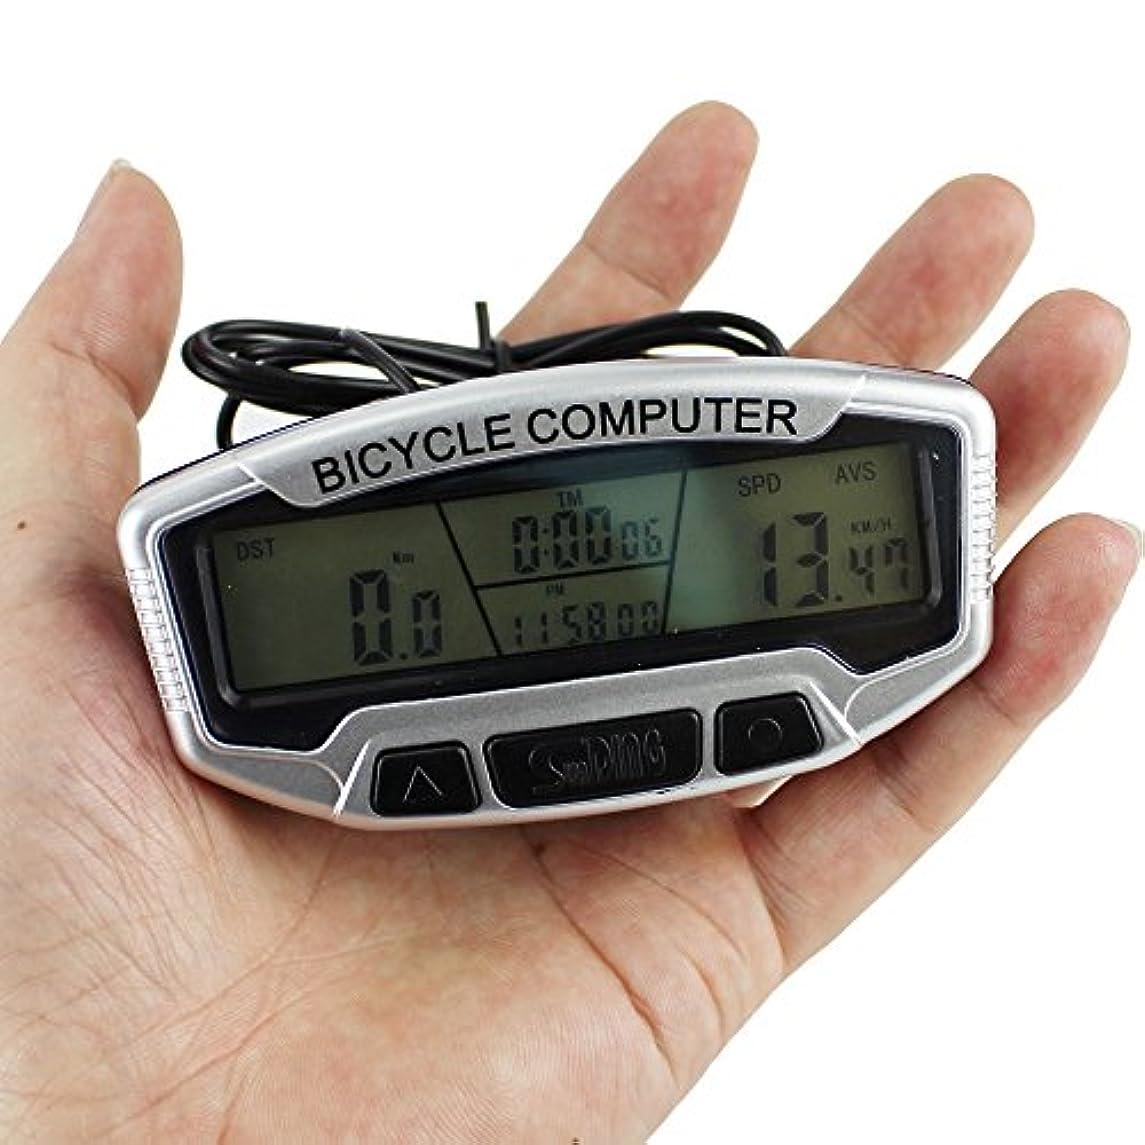 ティーンエイジャー商標浸漬ezyoutdoor 自転車 コンピューター 有線スピードとケイデンス 自転車 スピードメーター トランスミッション 大型液晶ディスプレイ 距離/時間/カロリー/温度追跡 多機能